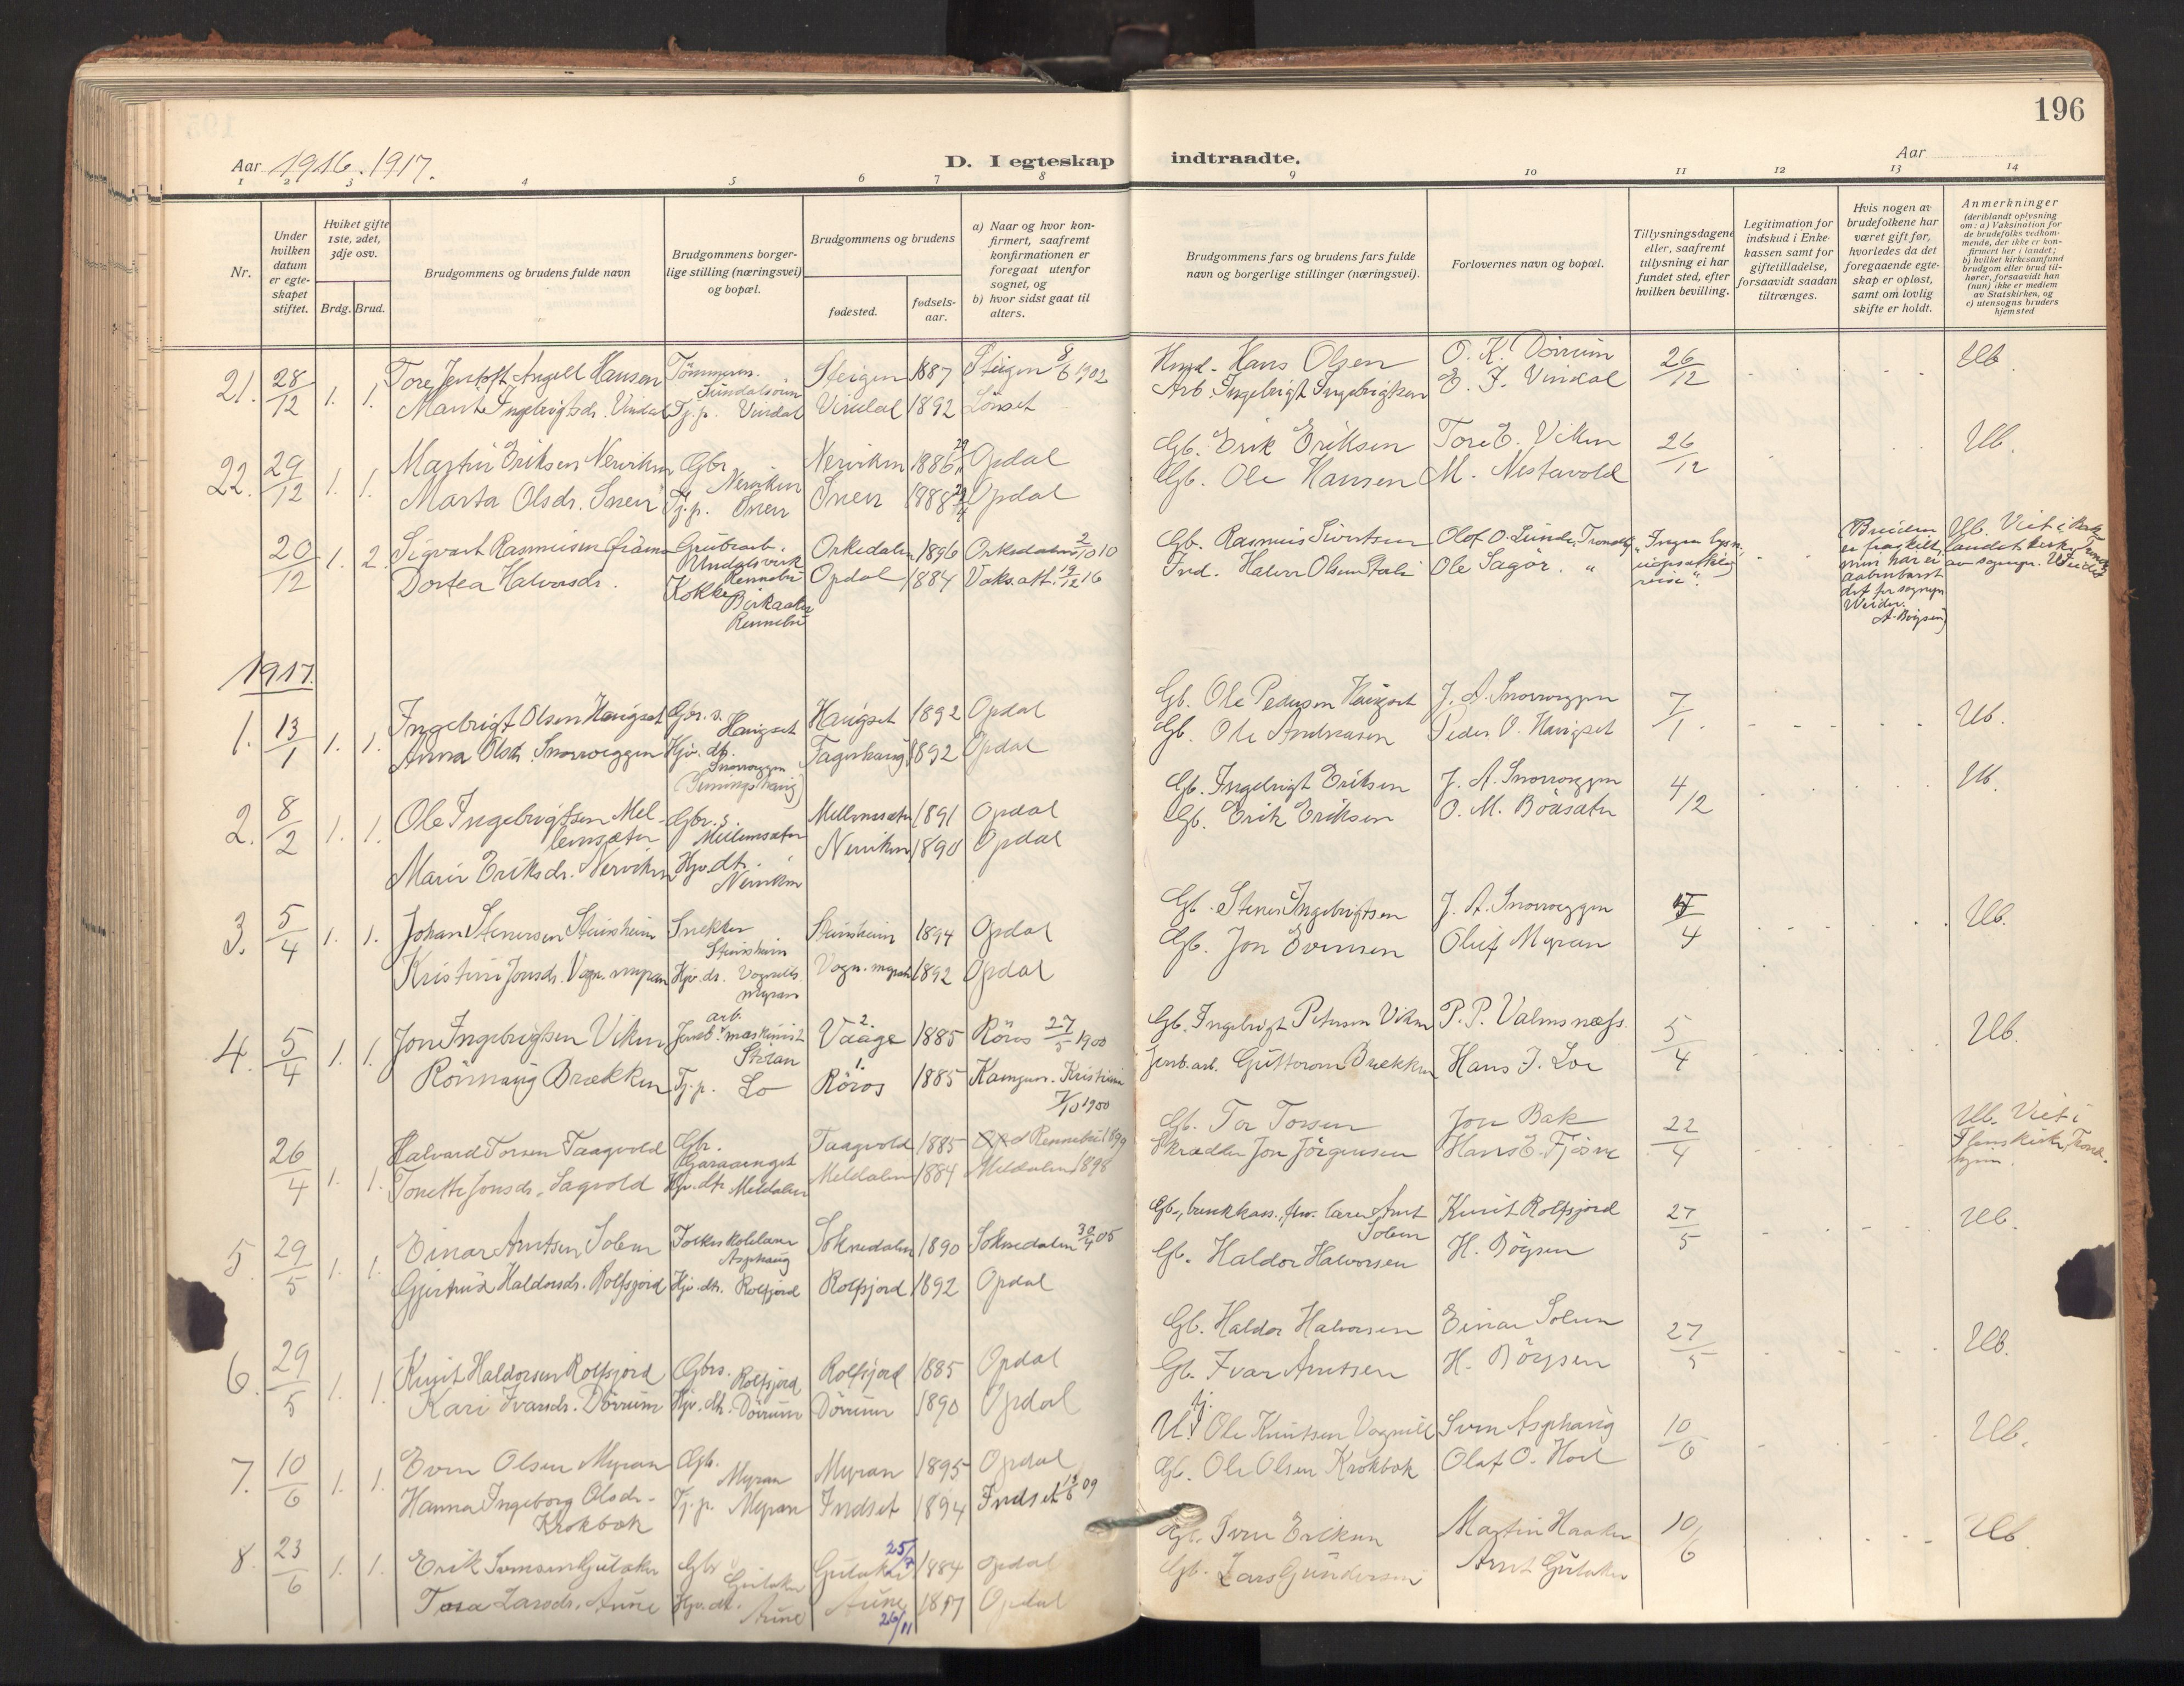 SAT, Ministerialprotokoller, klokkerbøker og fødselsregistre - Sør-Trøndelag, 678/L0909: Ministerialbok nr. 678A17, 1912-1930, s. 196